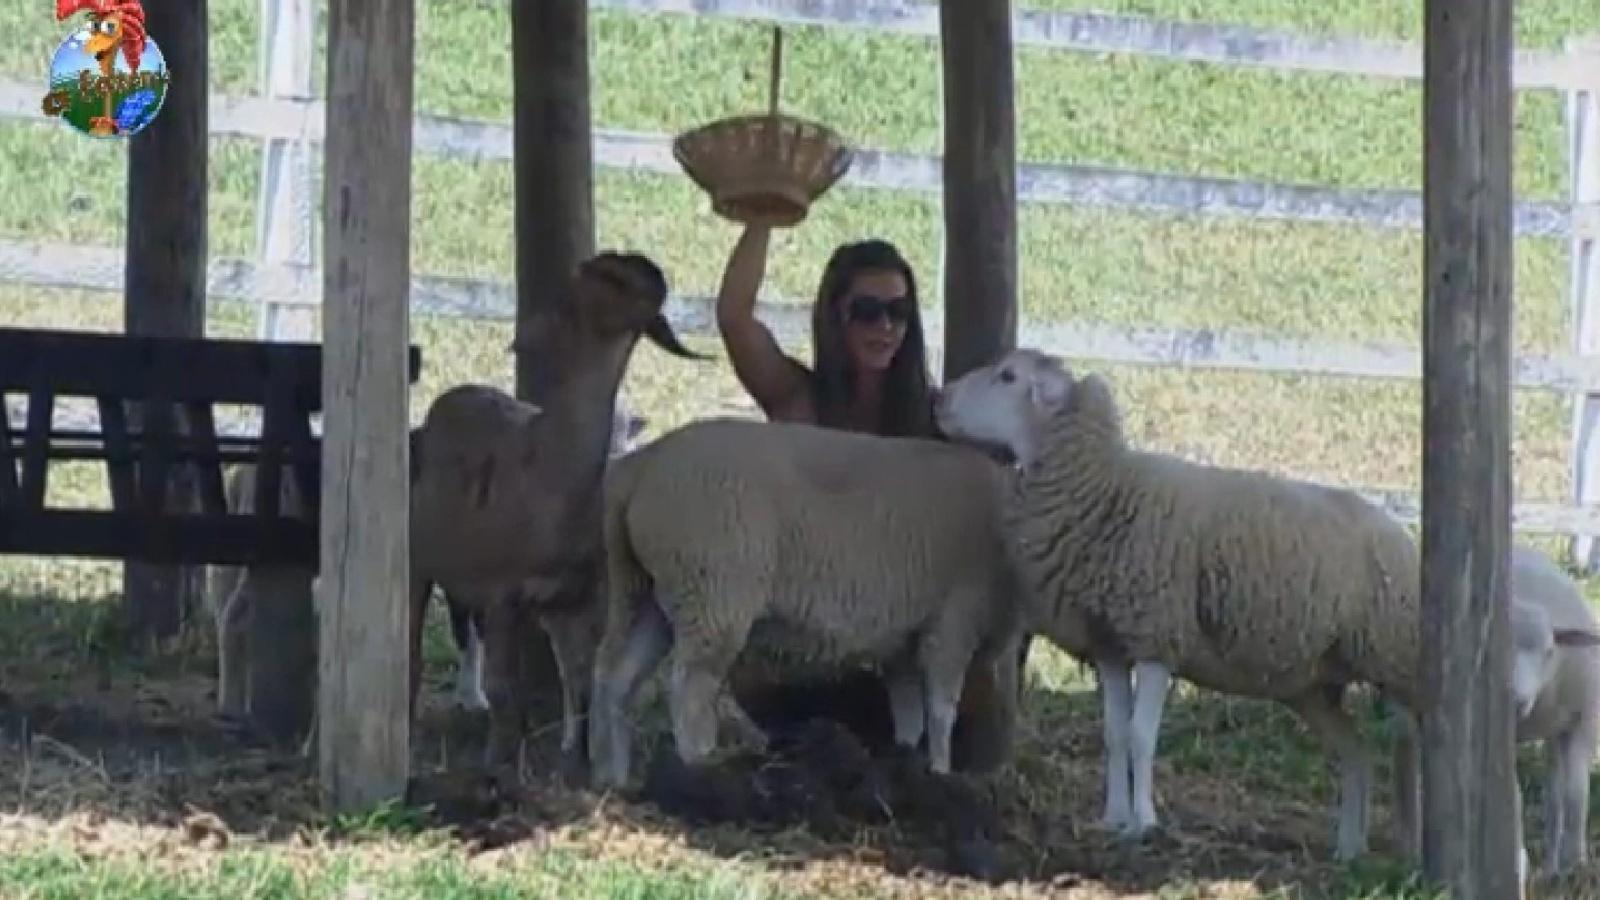 6.set.2013 - Denise Rocha brinca com as ovelhas